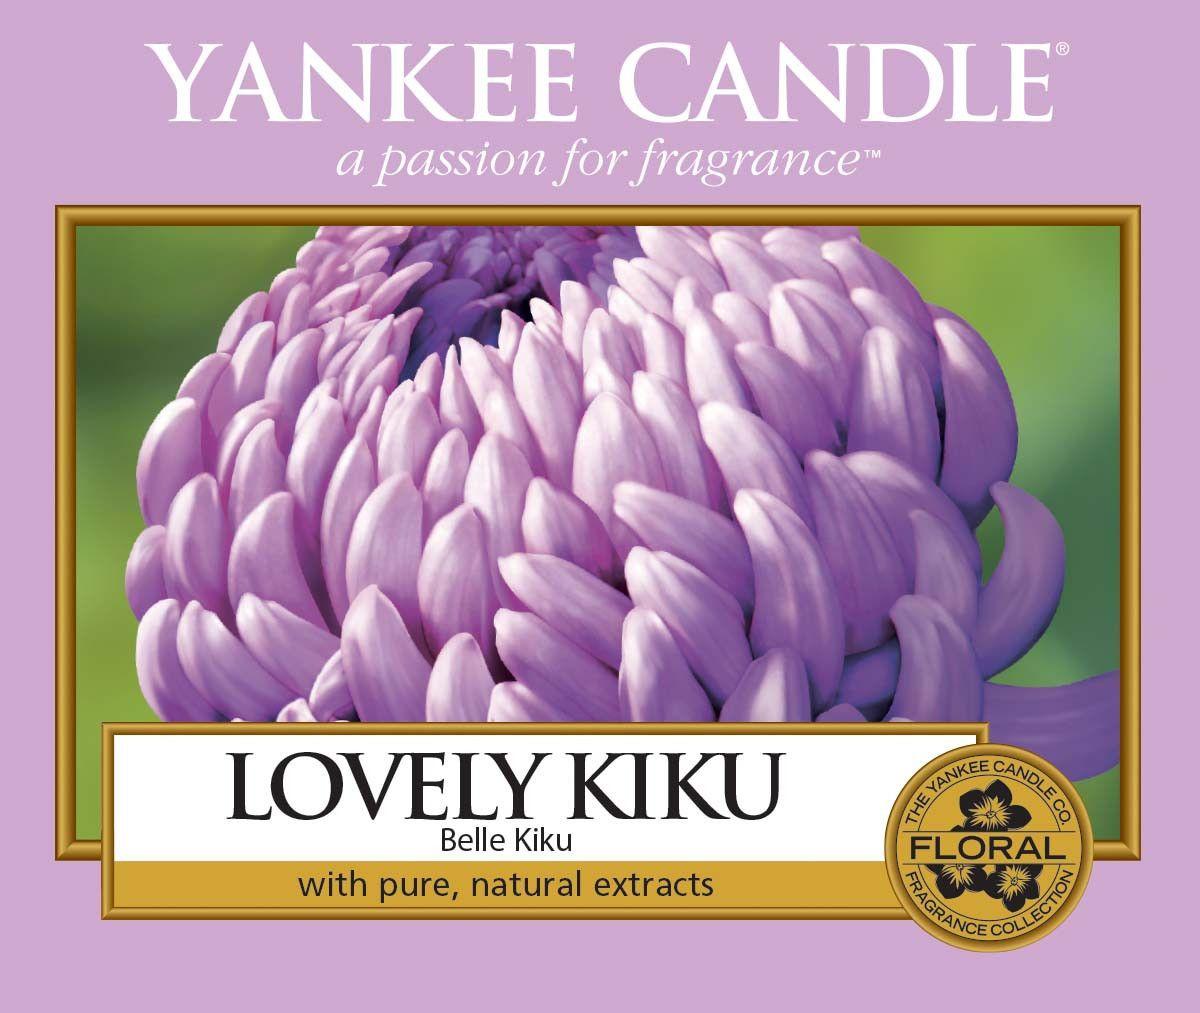 Lovely Kiku